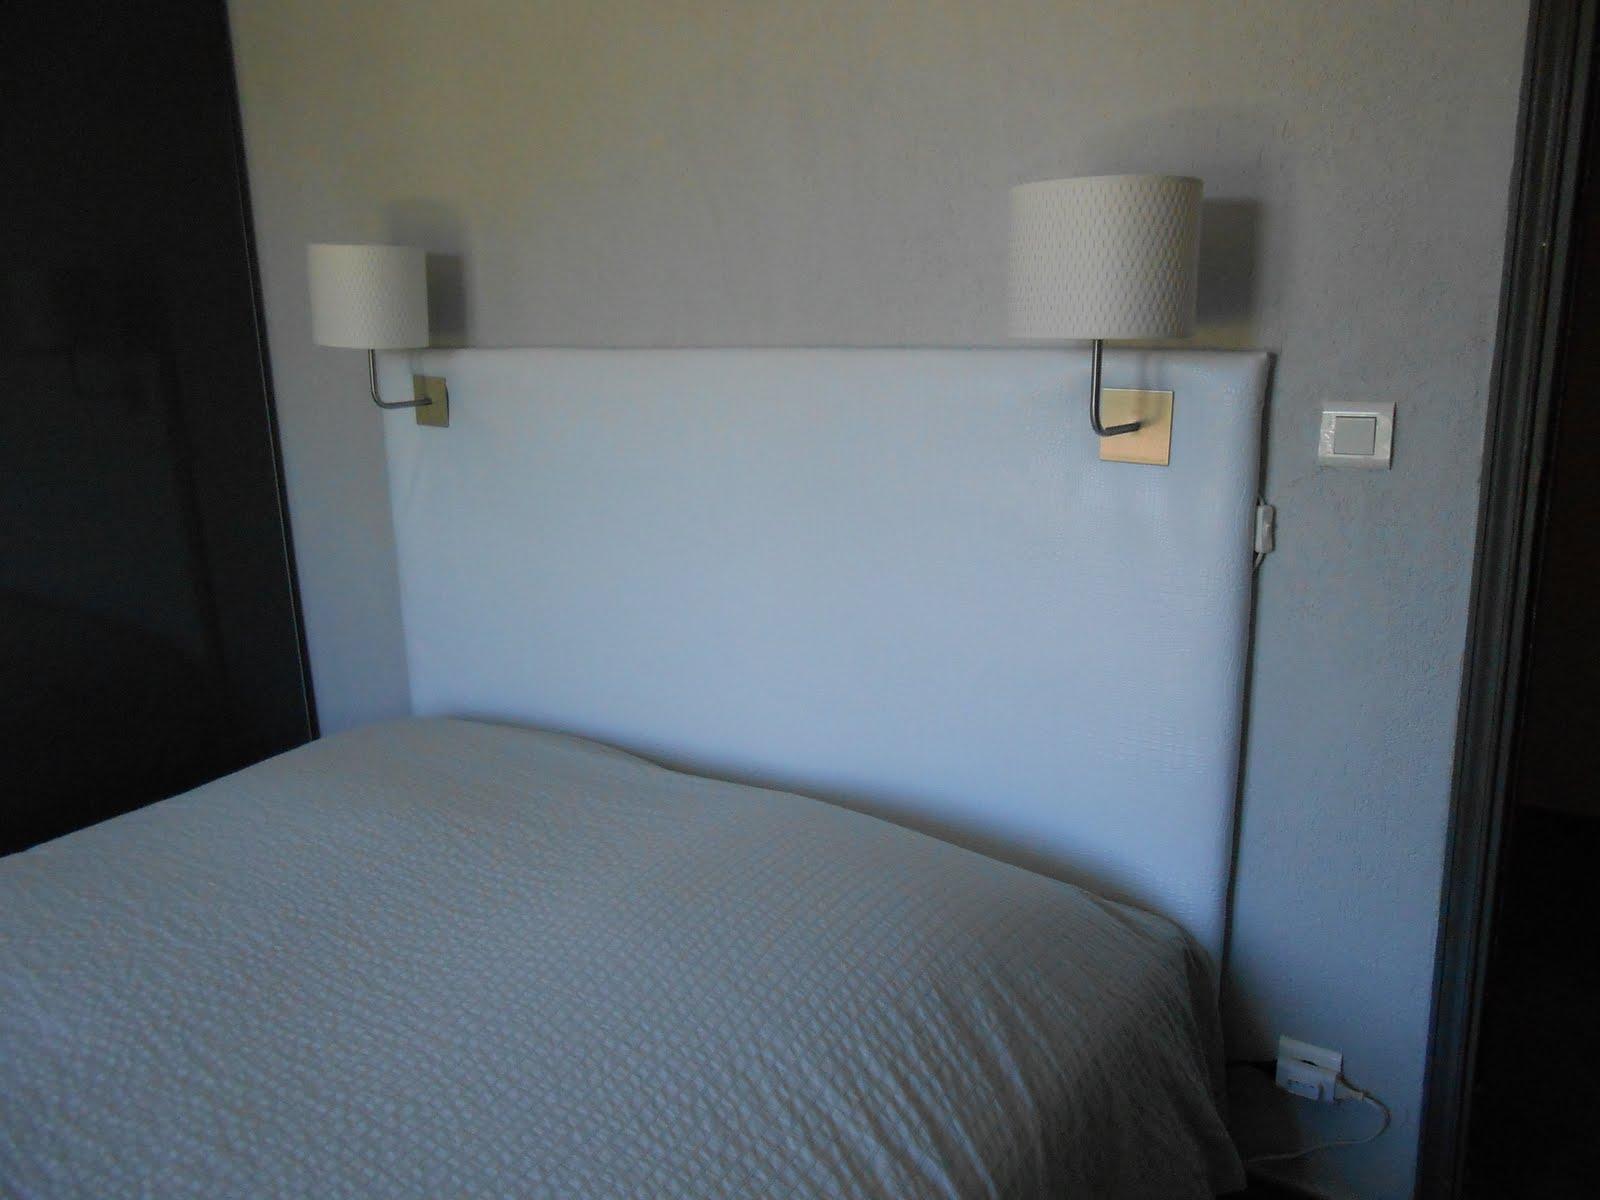 charmant fabriquer tete de lit tissu 8 bien 4 mois. Black Bedroom Furniture Sets. Home Design Ideas